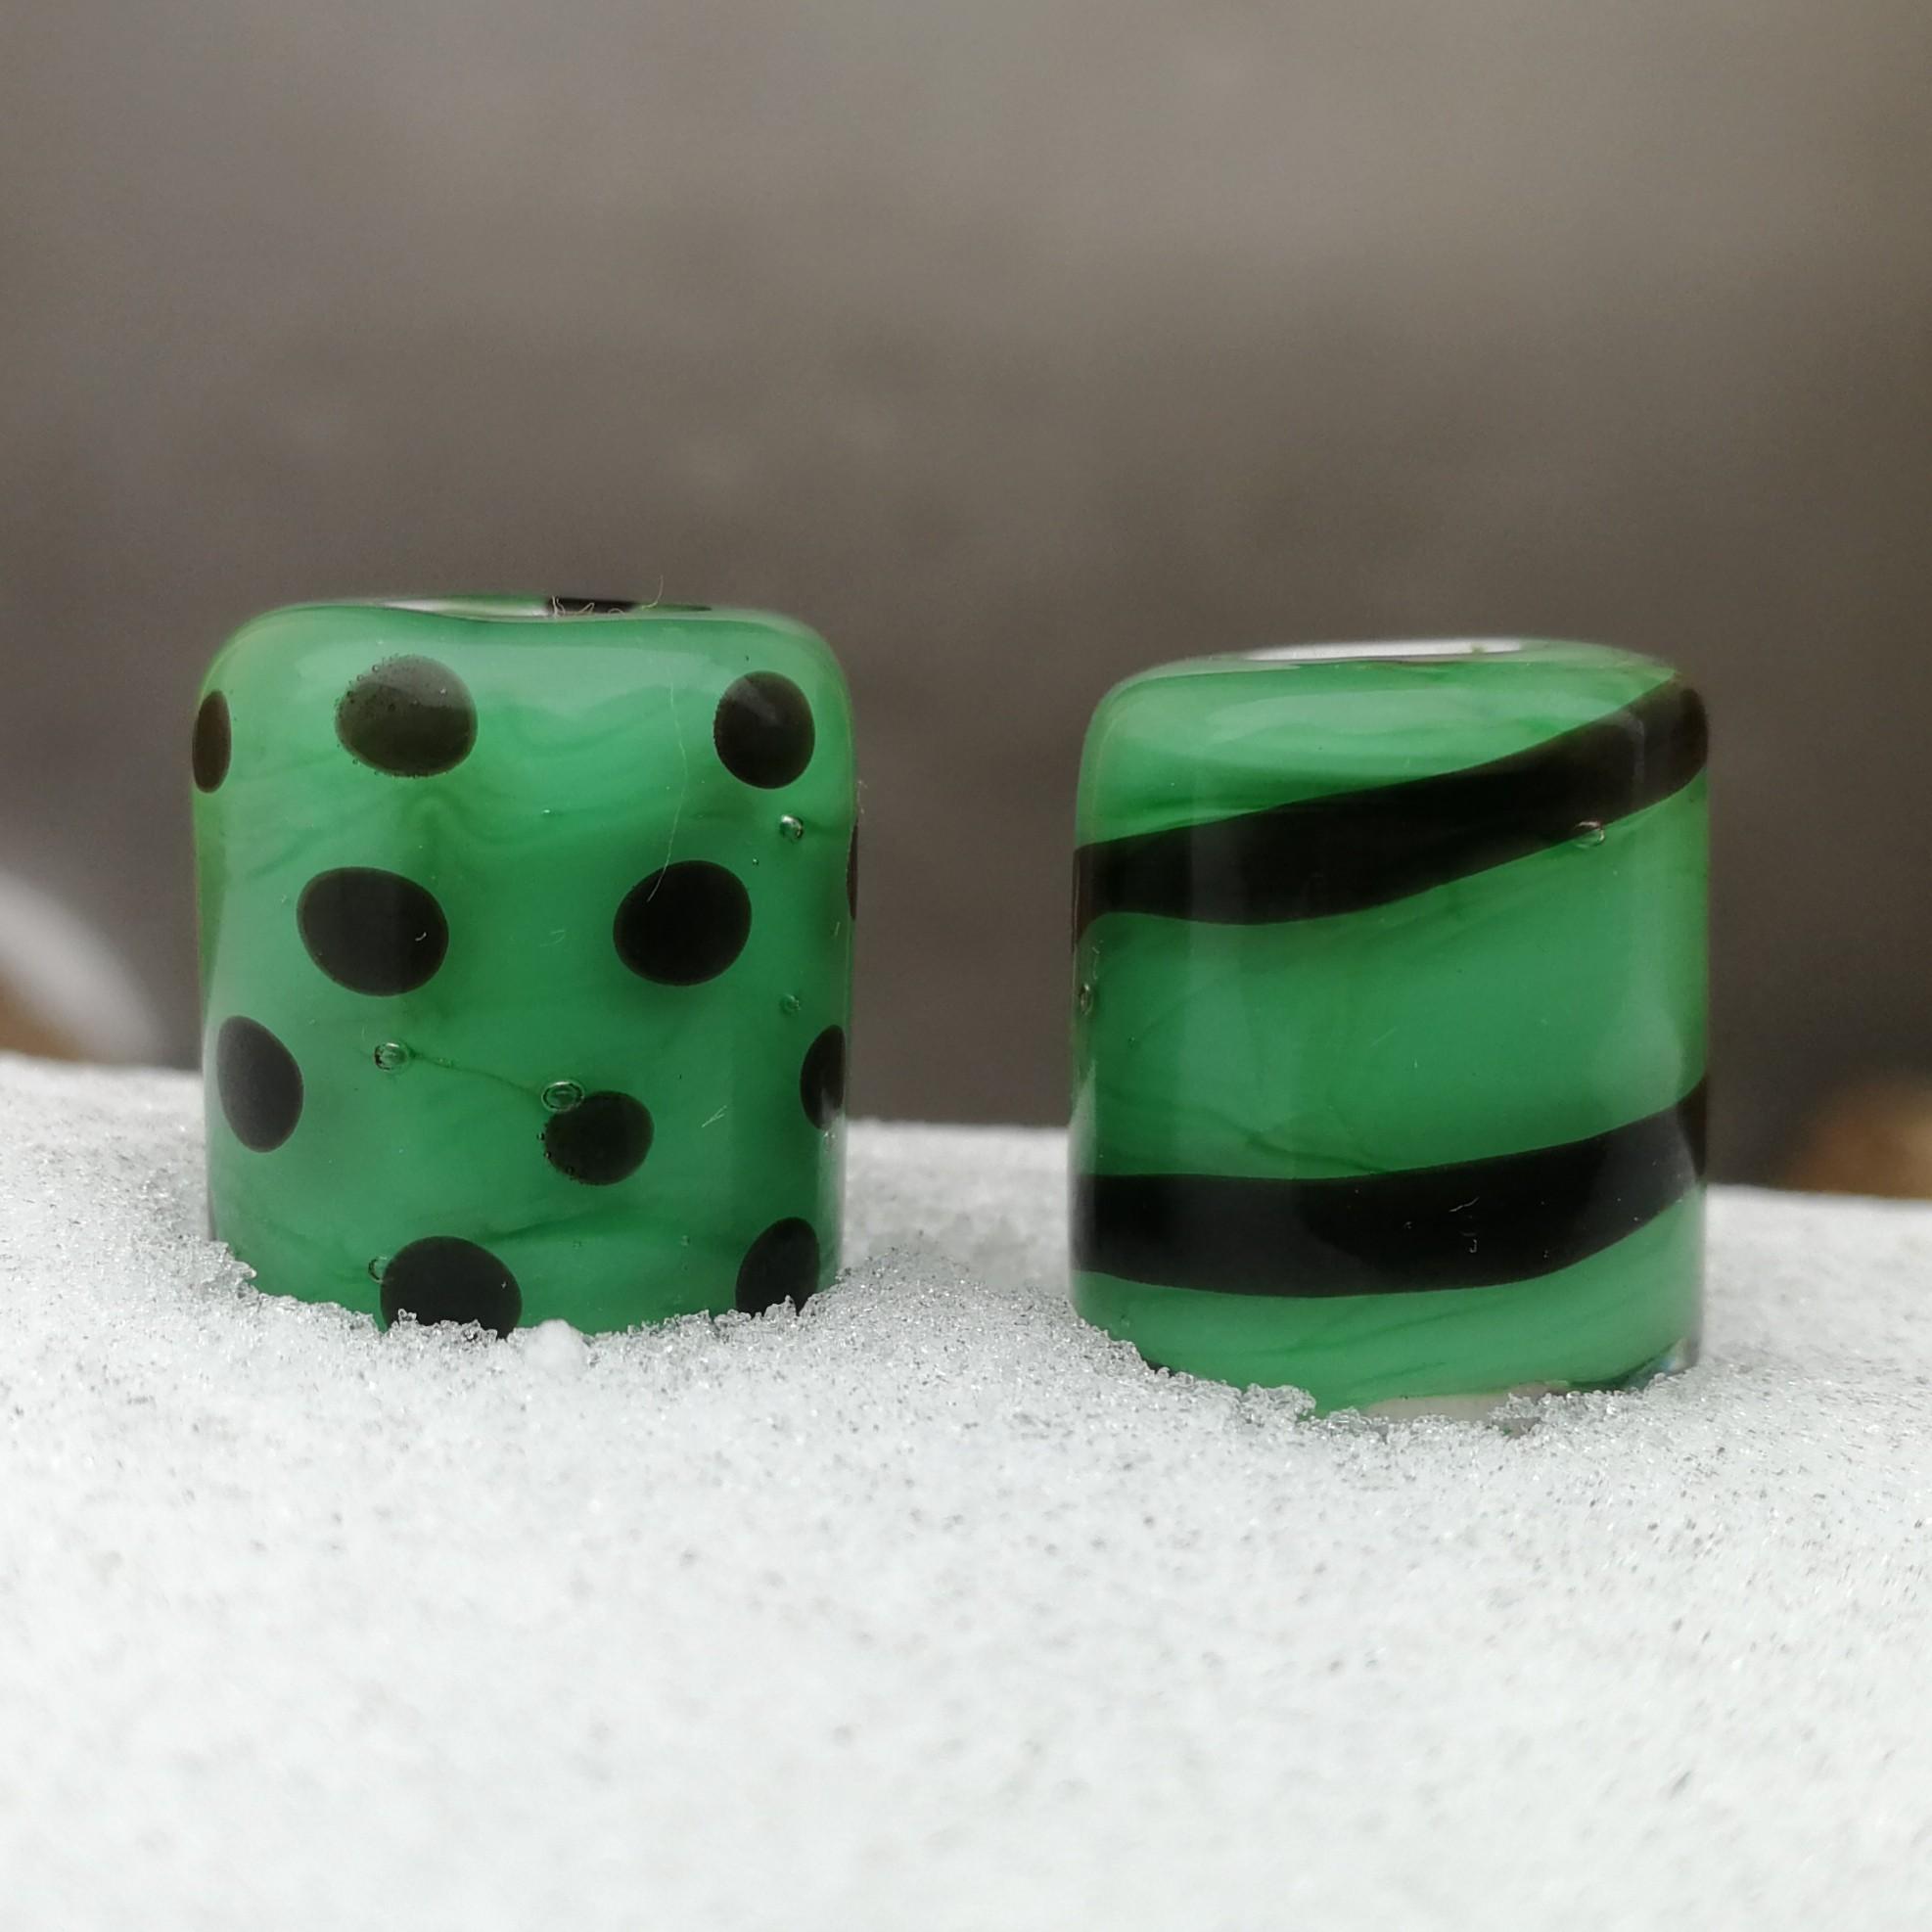 verde hierba con capa transparente y lunares y espiral negra